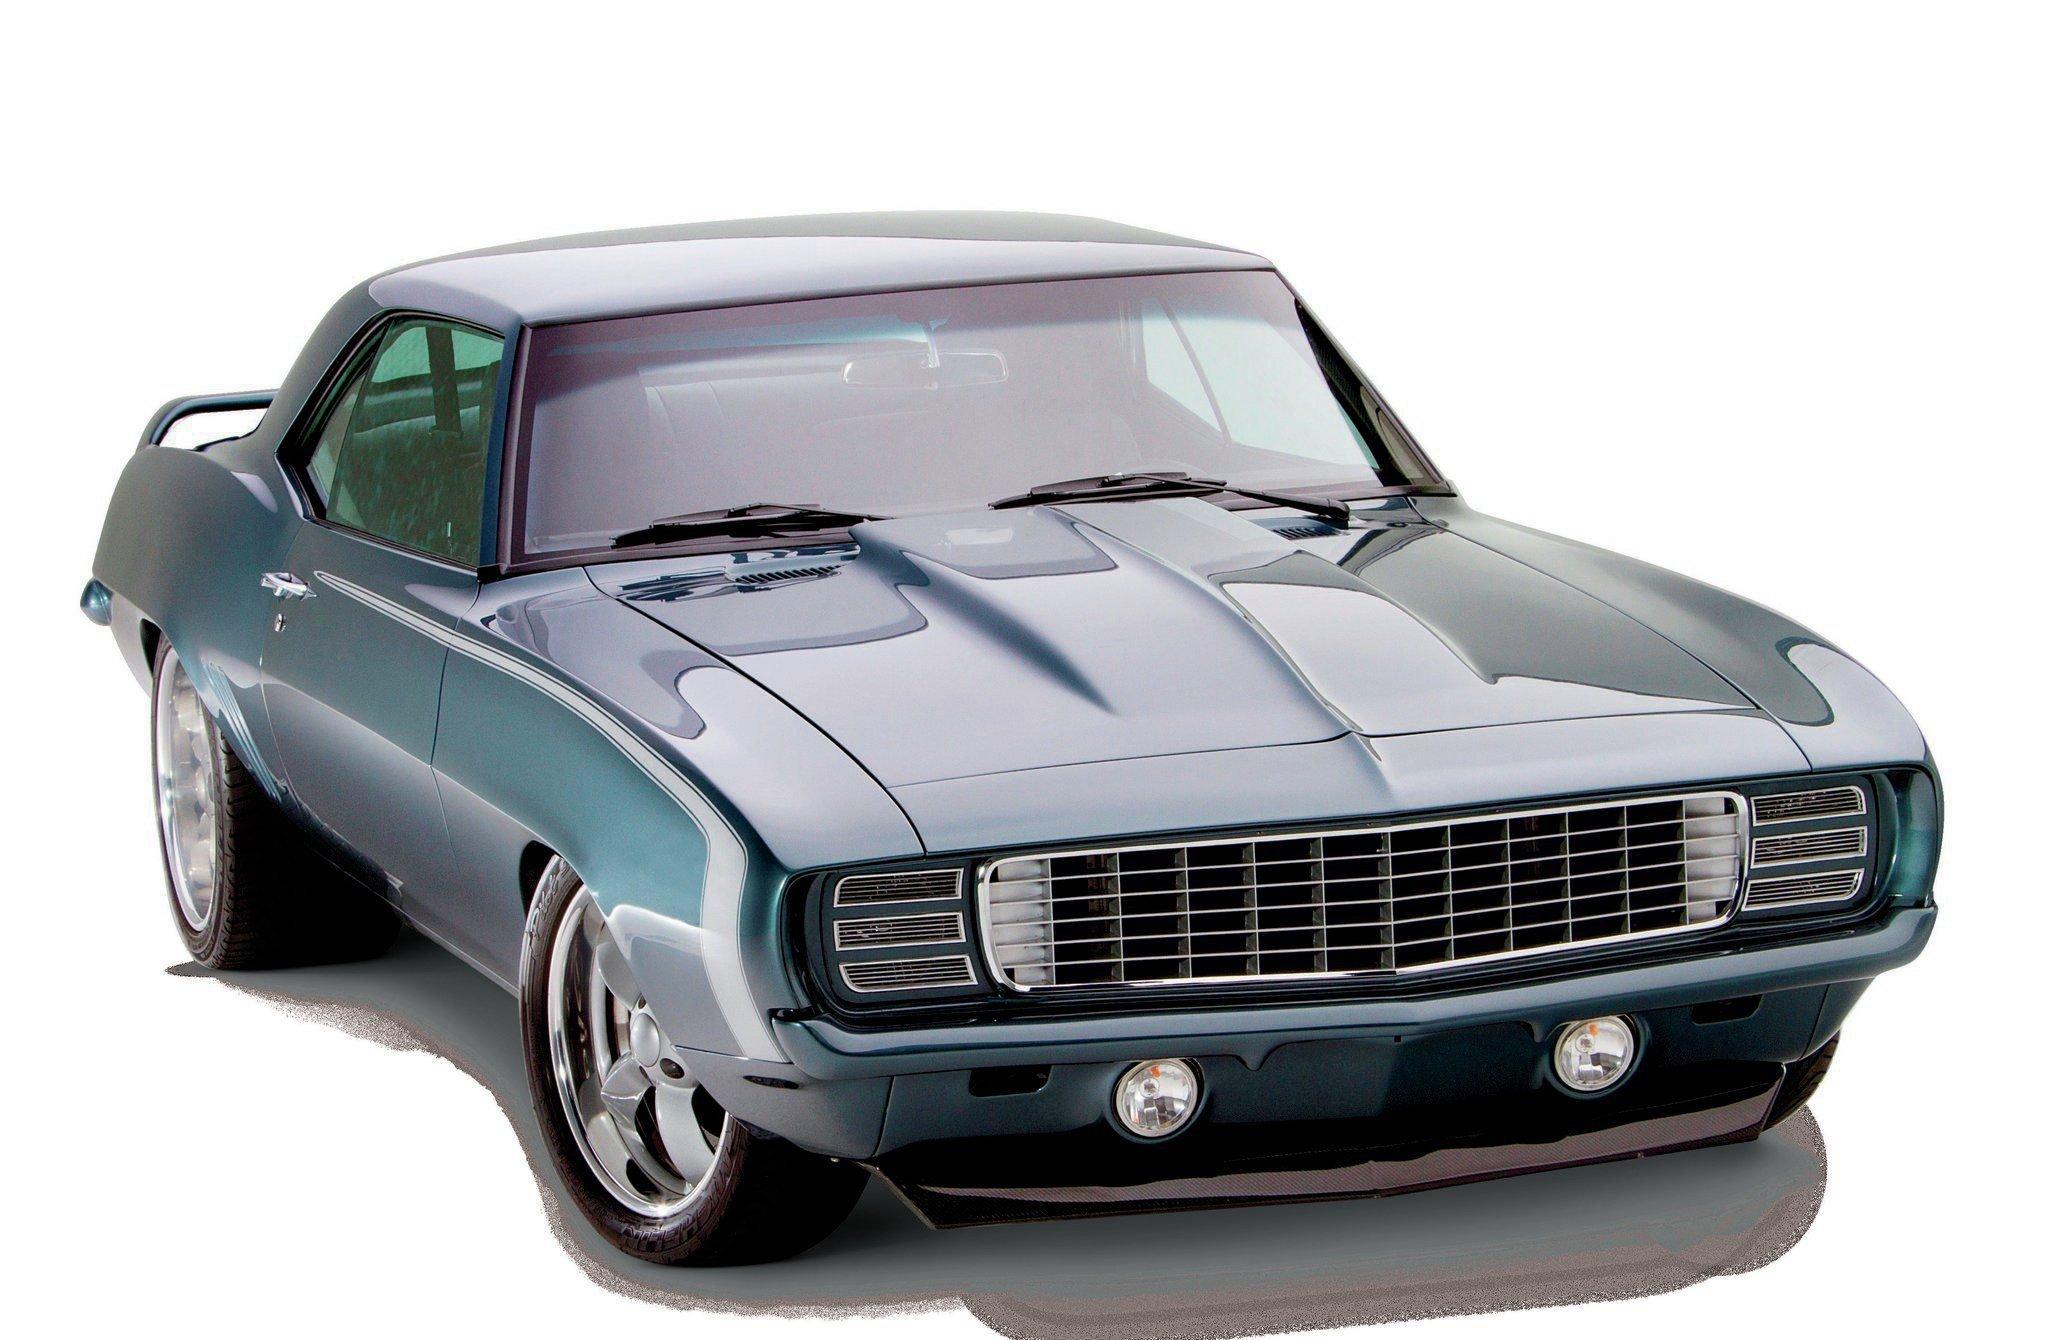 1969 Chevrolet Camaro Hot-01 wallpaper